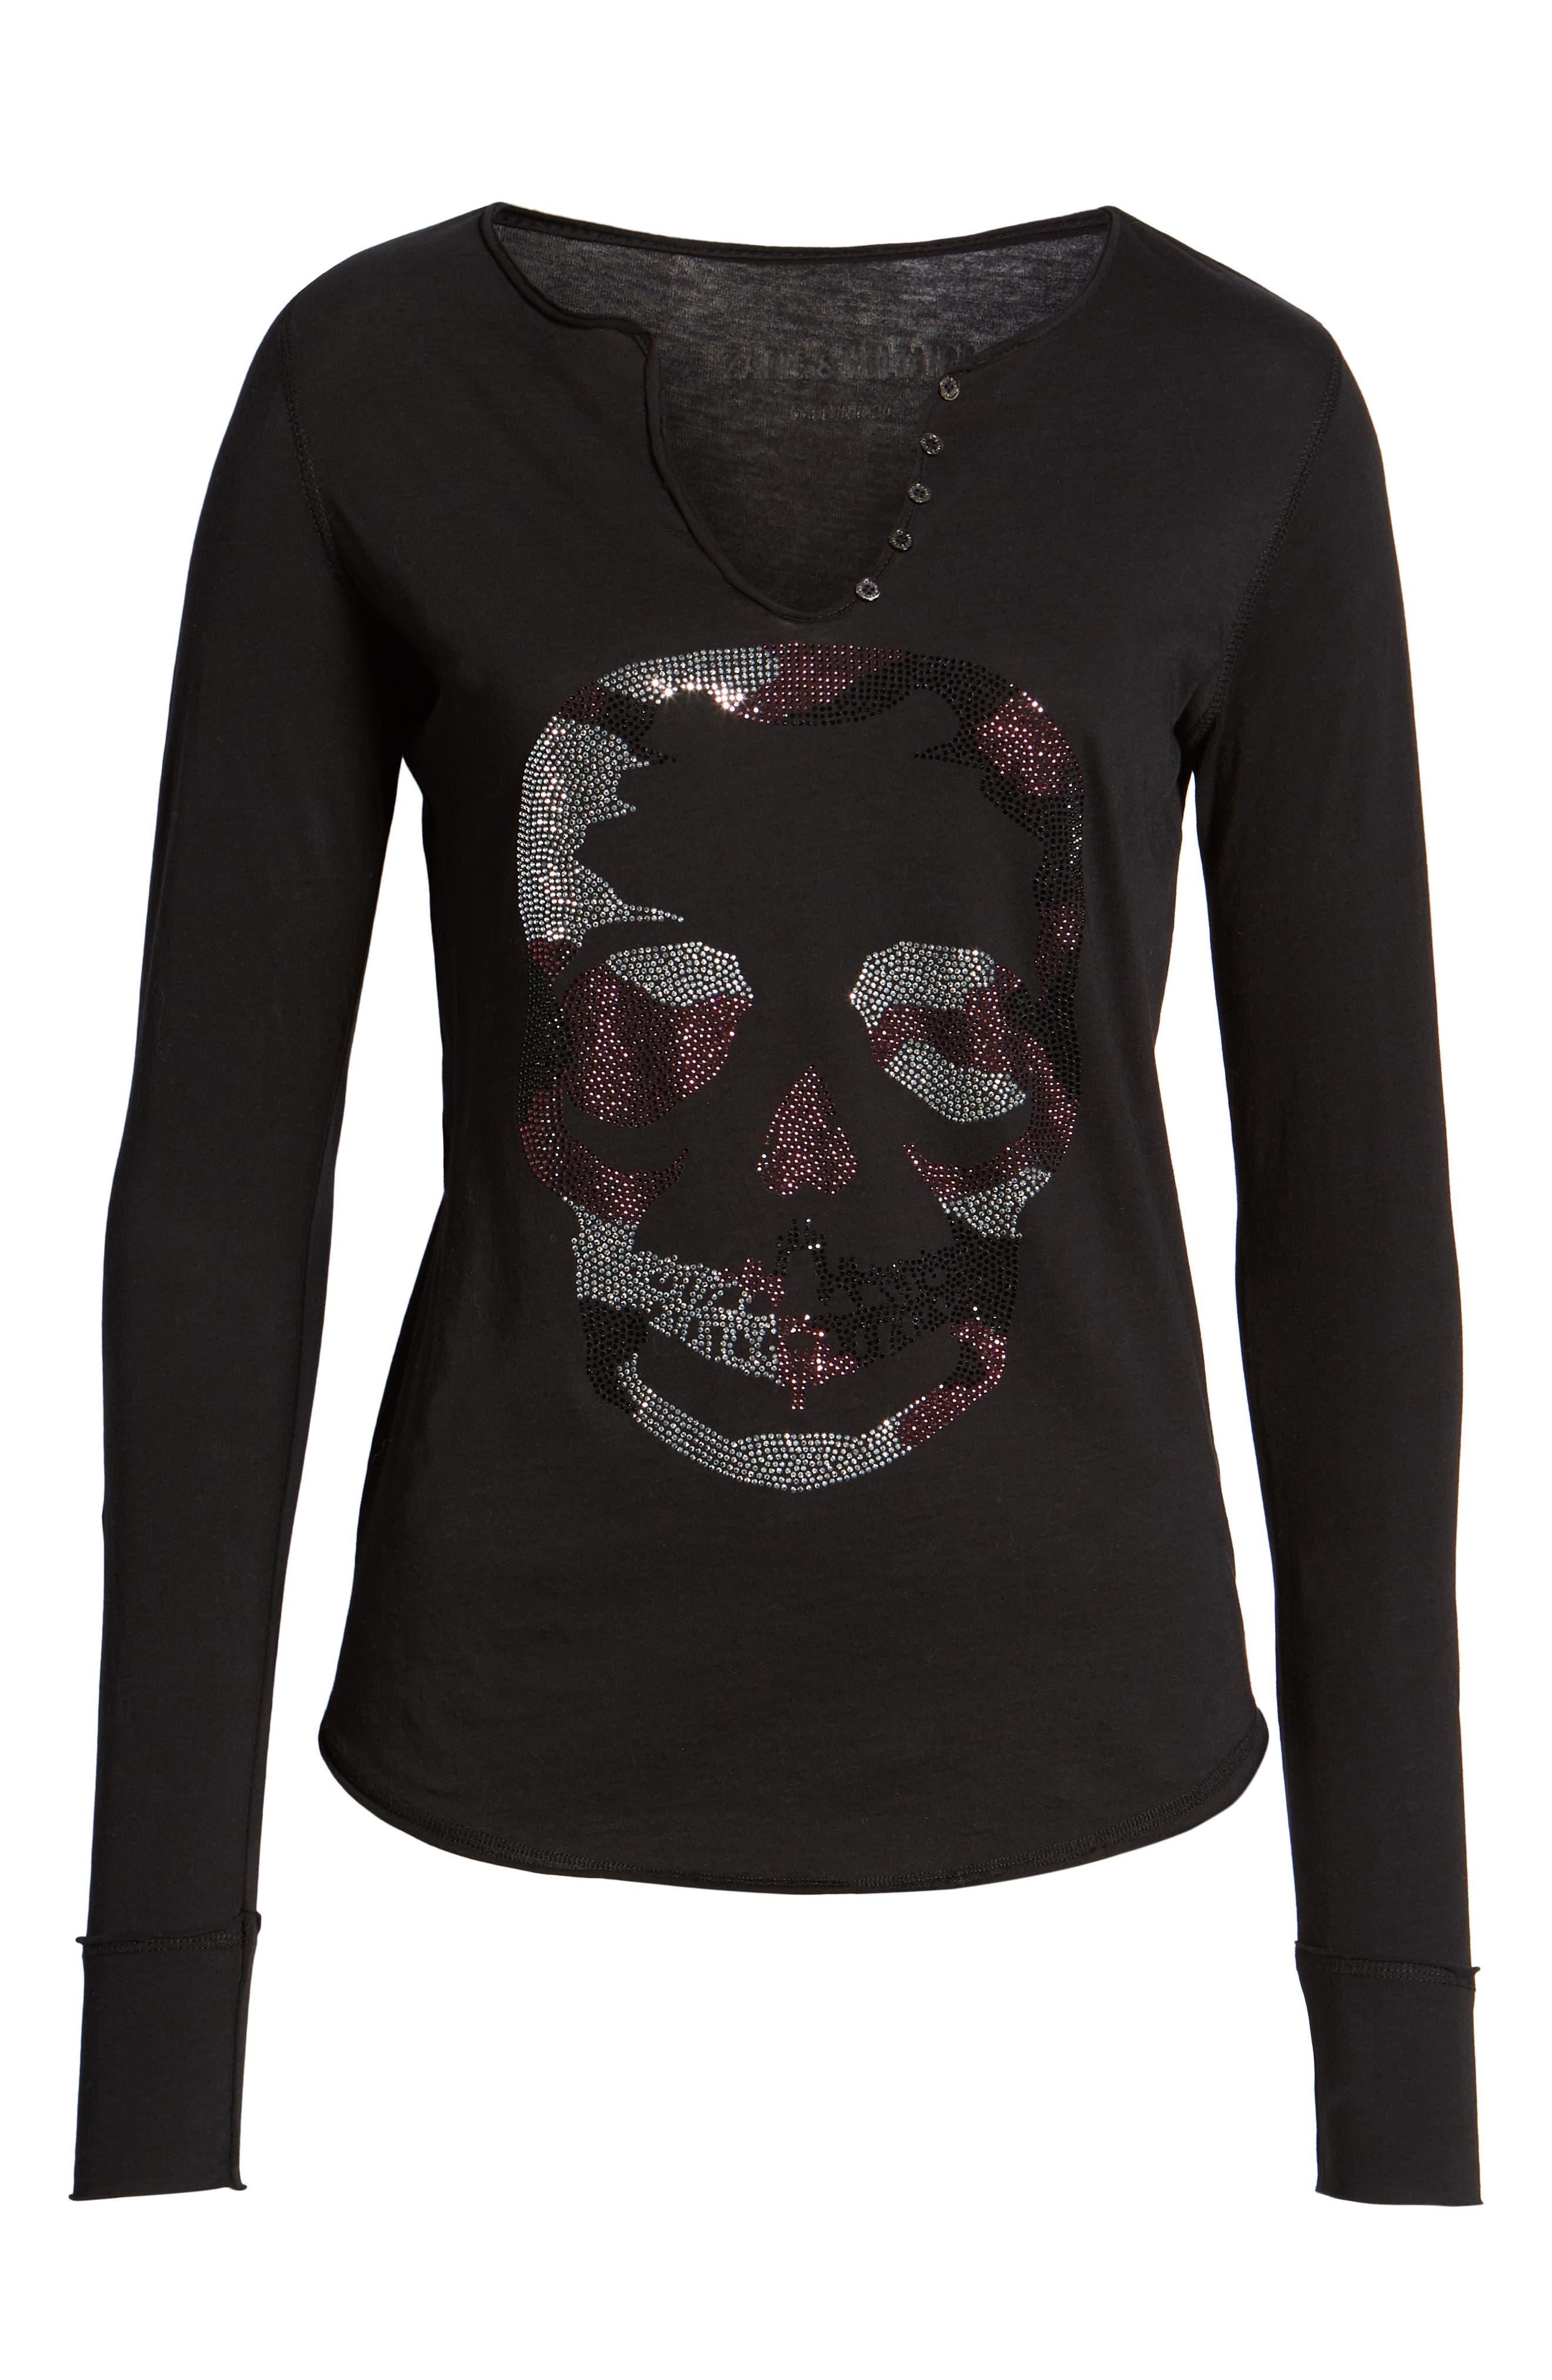 Tunisien Skull Shirt,                             Alternate thumbnail 6, color,                             NOIR